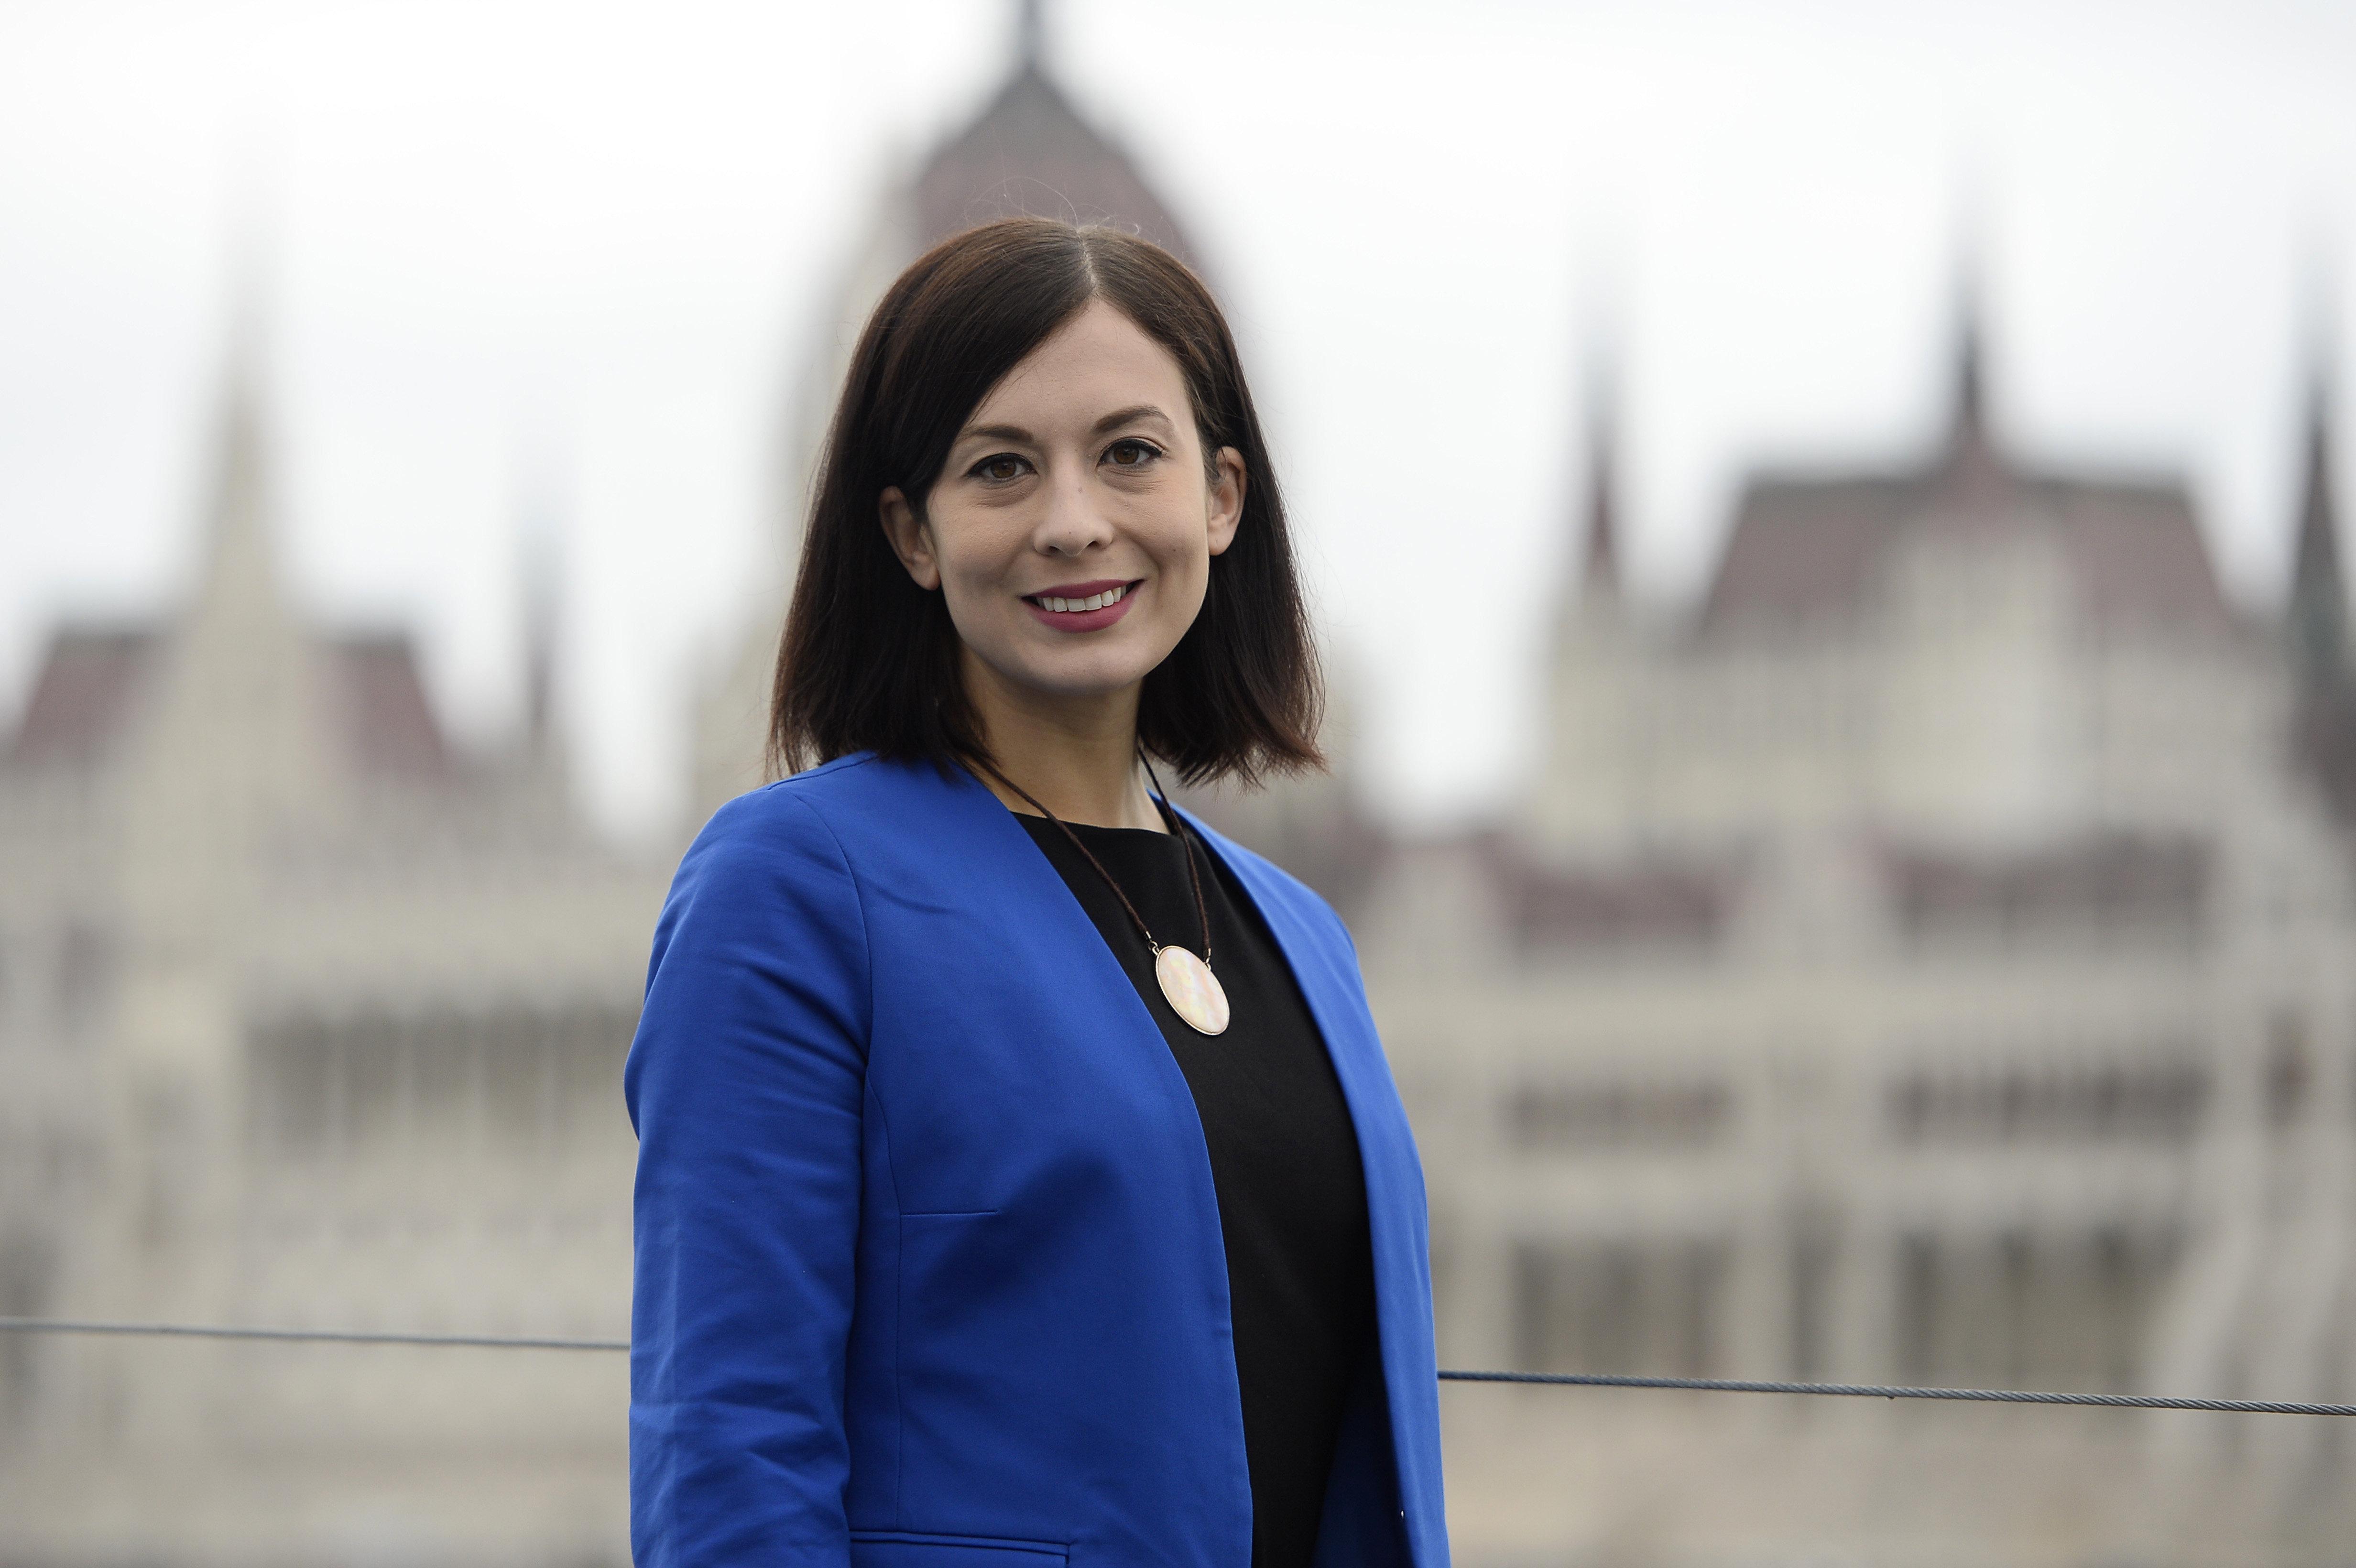 A momentumos Cseh Katalin önkéntes orvosnak jelentkezett  az Országos Mentőszolgálatnál